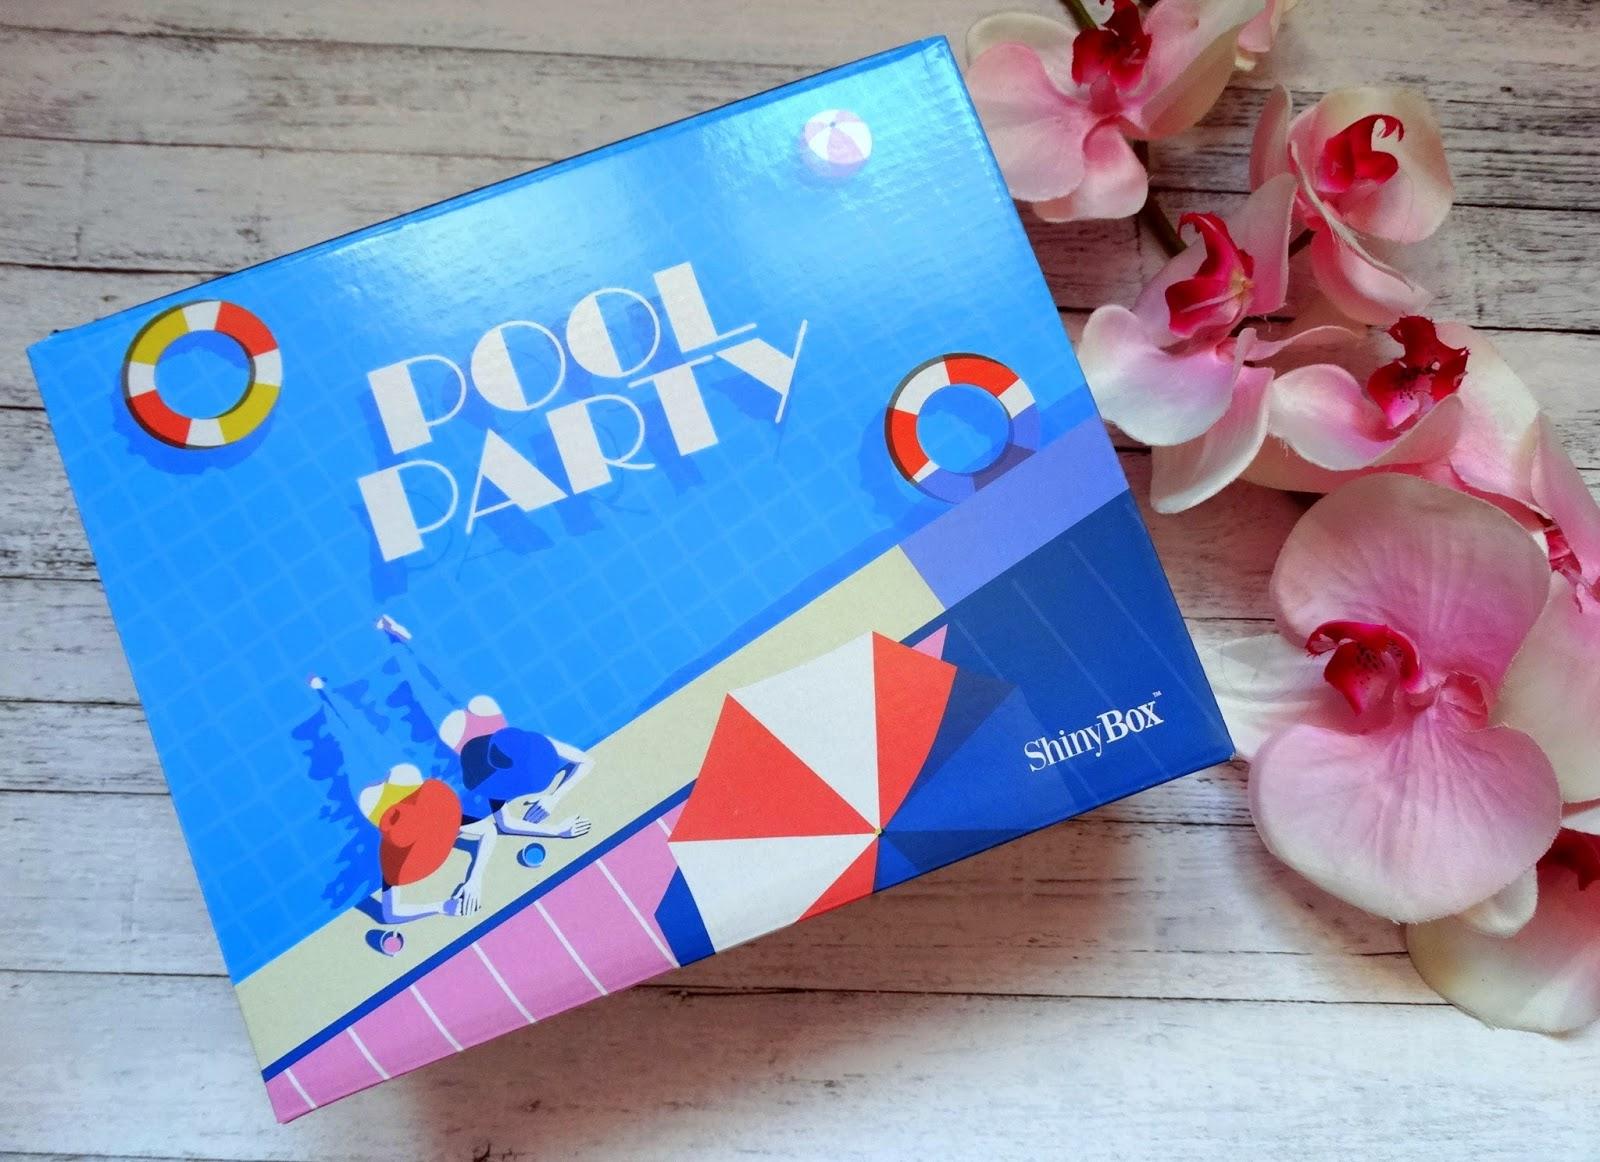 ShinyBox 'Pool party' lipiec 2017 + wyniki konkursu